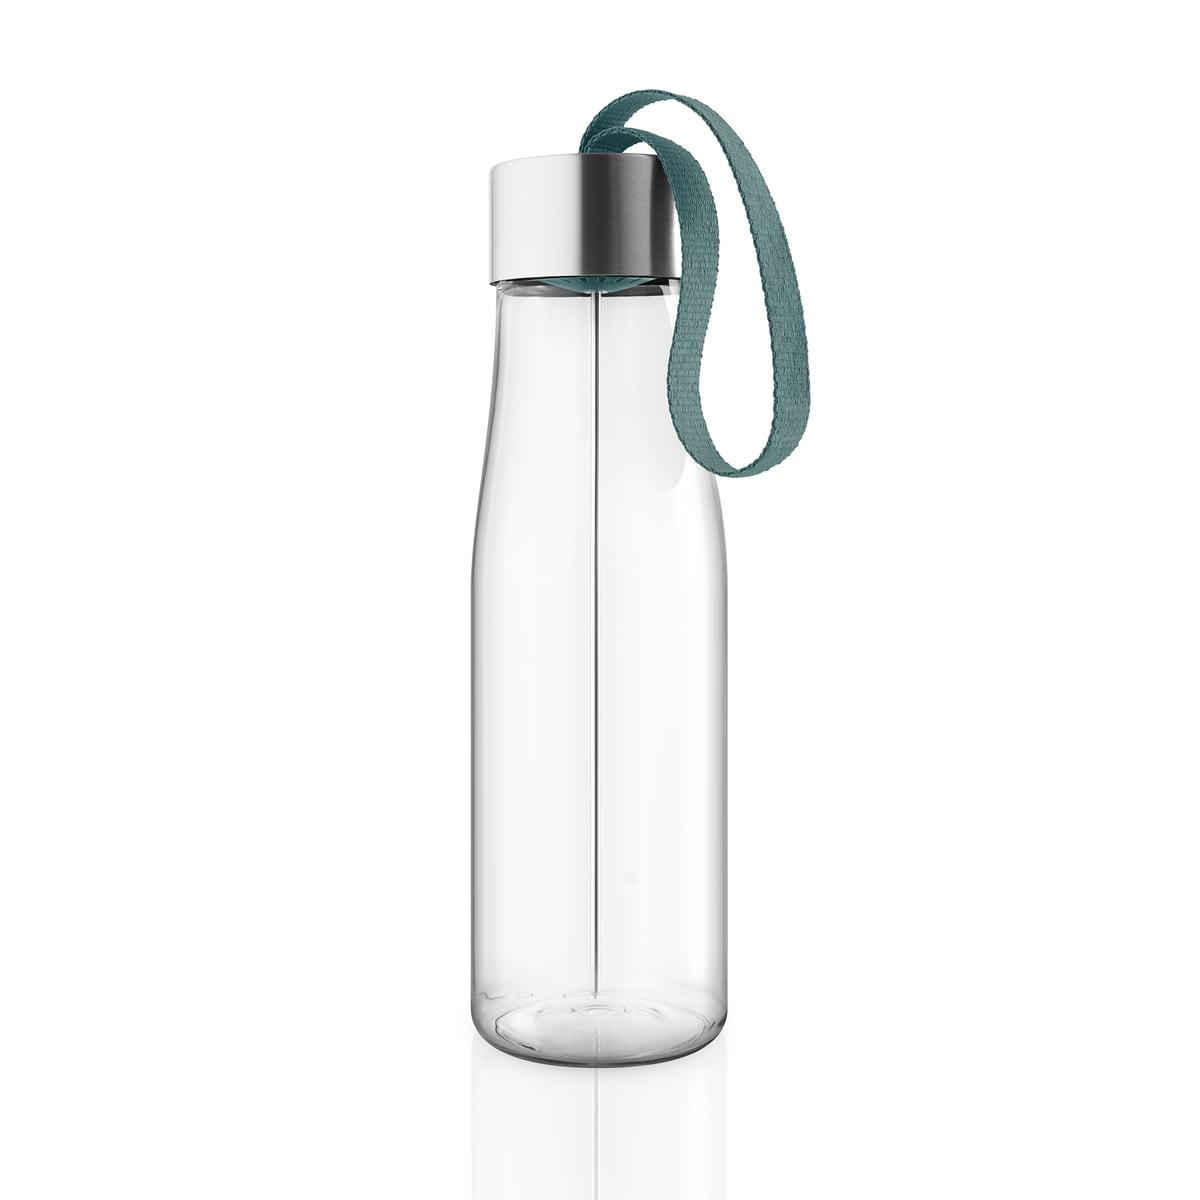 Eva Solo - MyFlavour Trinkflasche 0,75 l, petrol | Küche und Esszimmer > Besteck und Geschirr > Kannen und Wasserkessel | Eva Solo